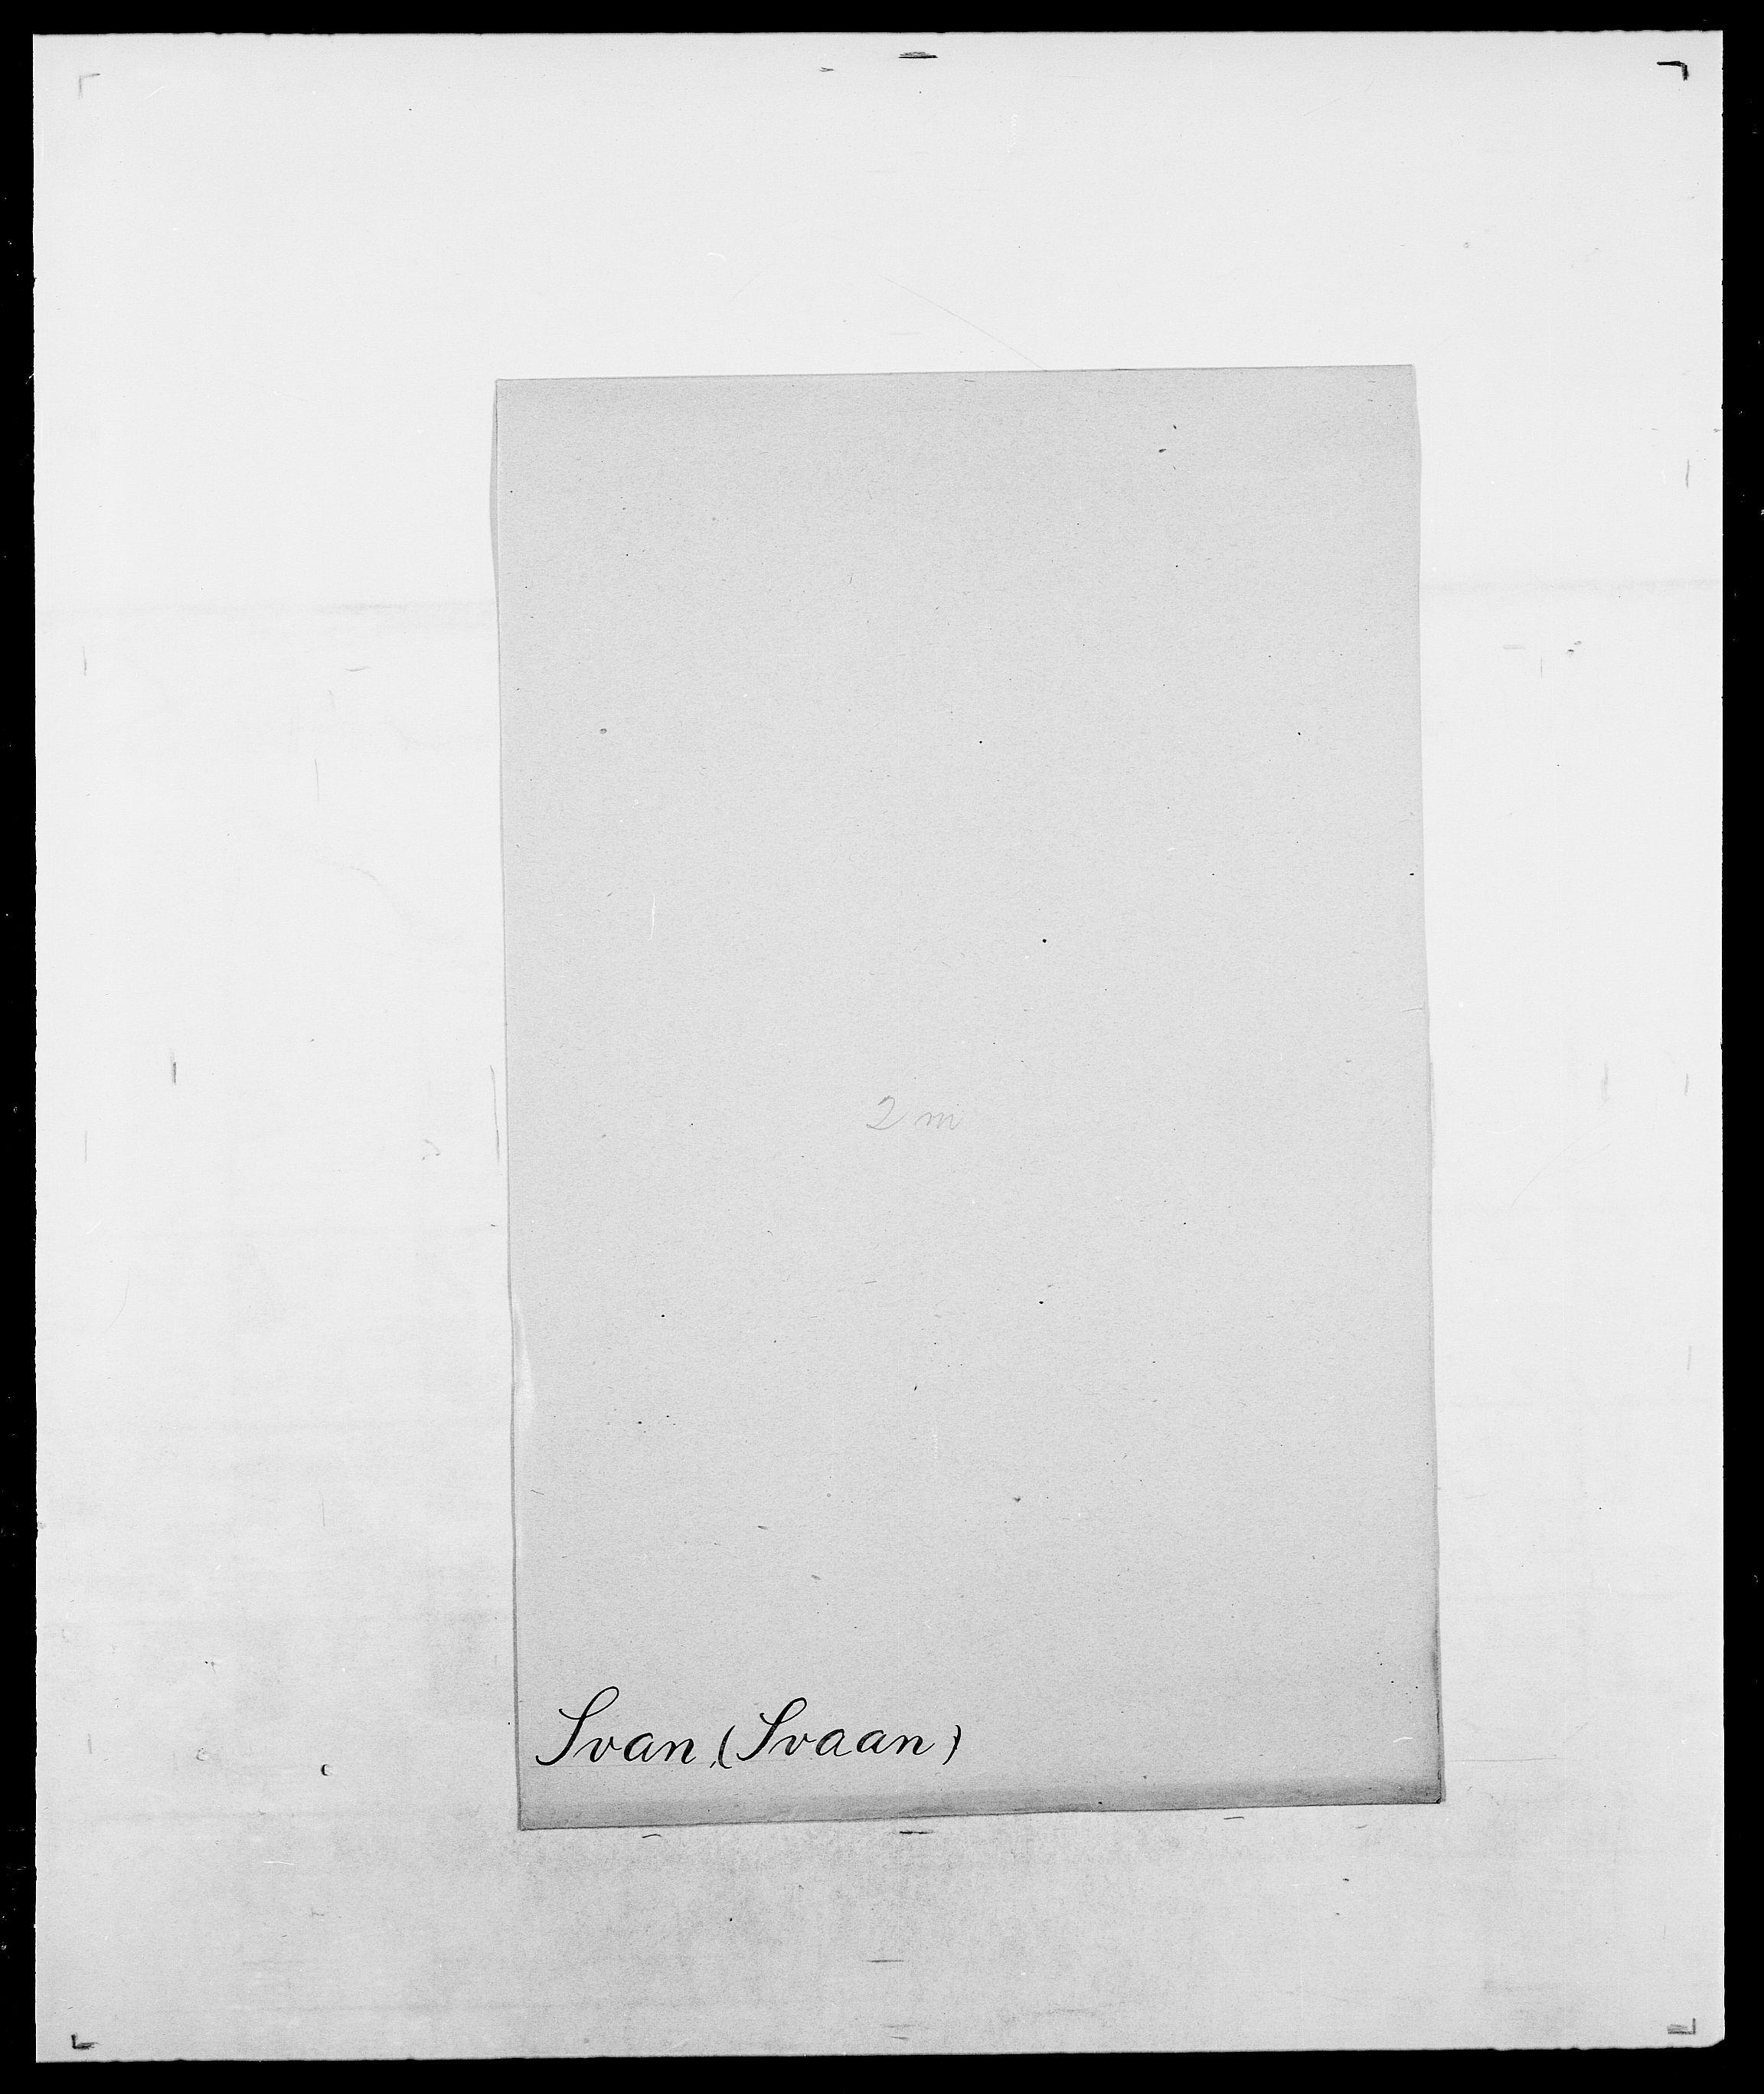 SAO, Delgobe, Charles Antoine - samling, D/Da/L0037: Steen, Sthen, Stein - Svare, Svanige, Svanne, se også Svanning og Schwane, s. 974